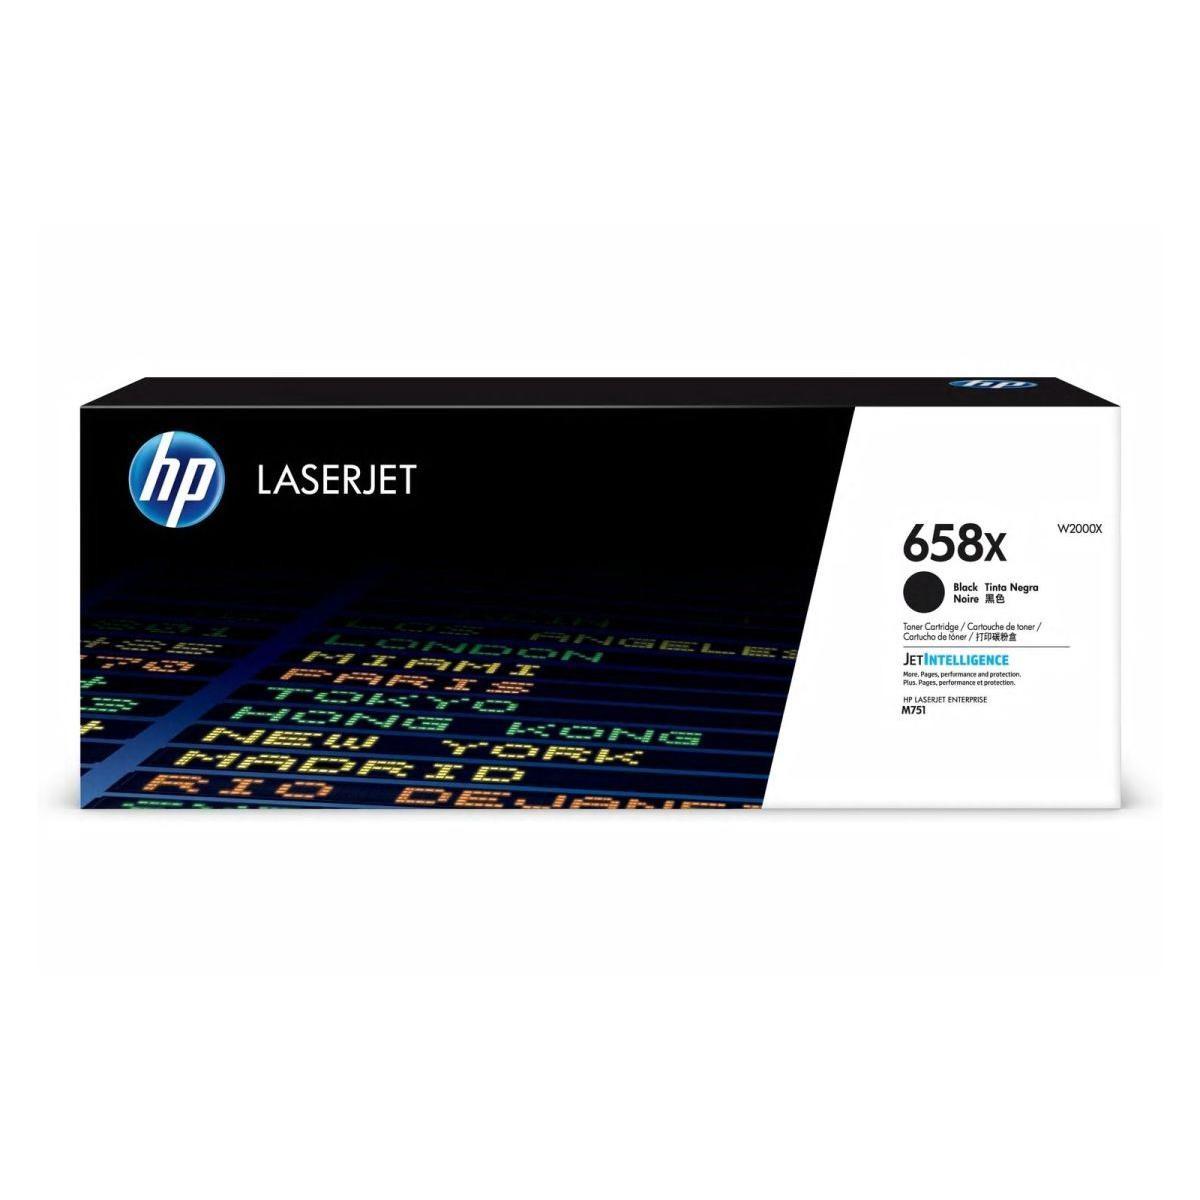 Toner HP 658X, HP W2000X - originálny (Čierny)